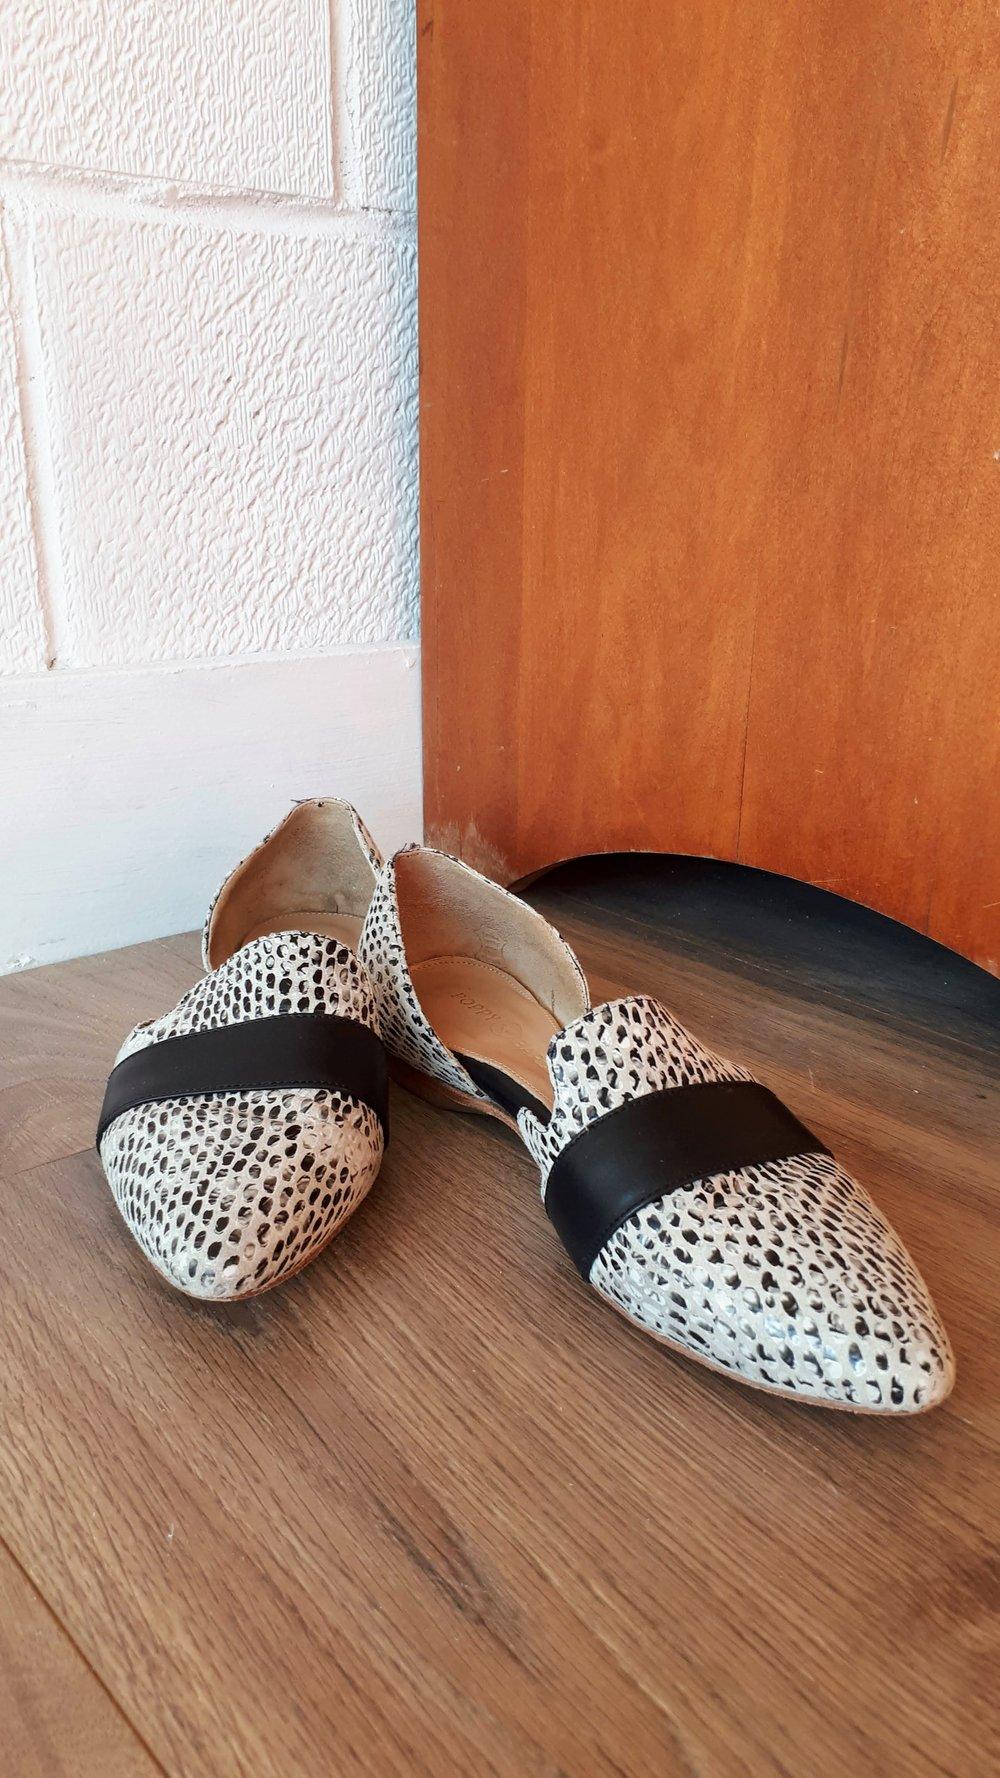 Poppy Barley shoes; Size 8.5, $95